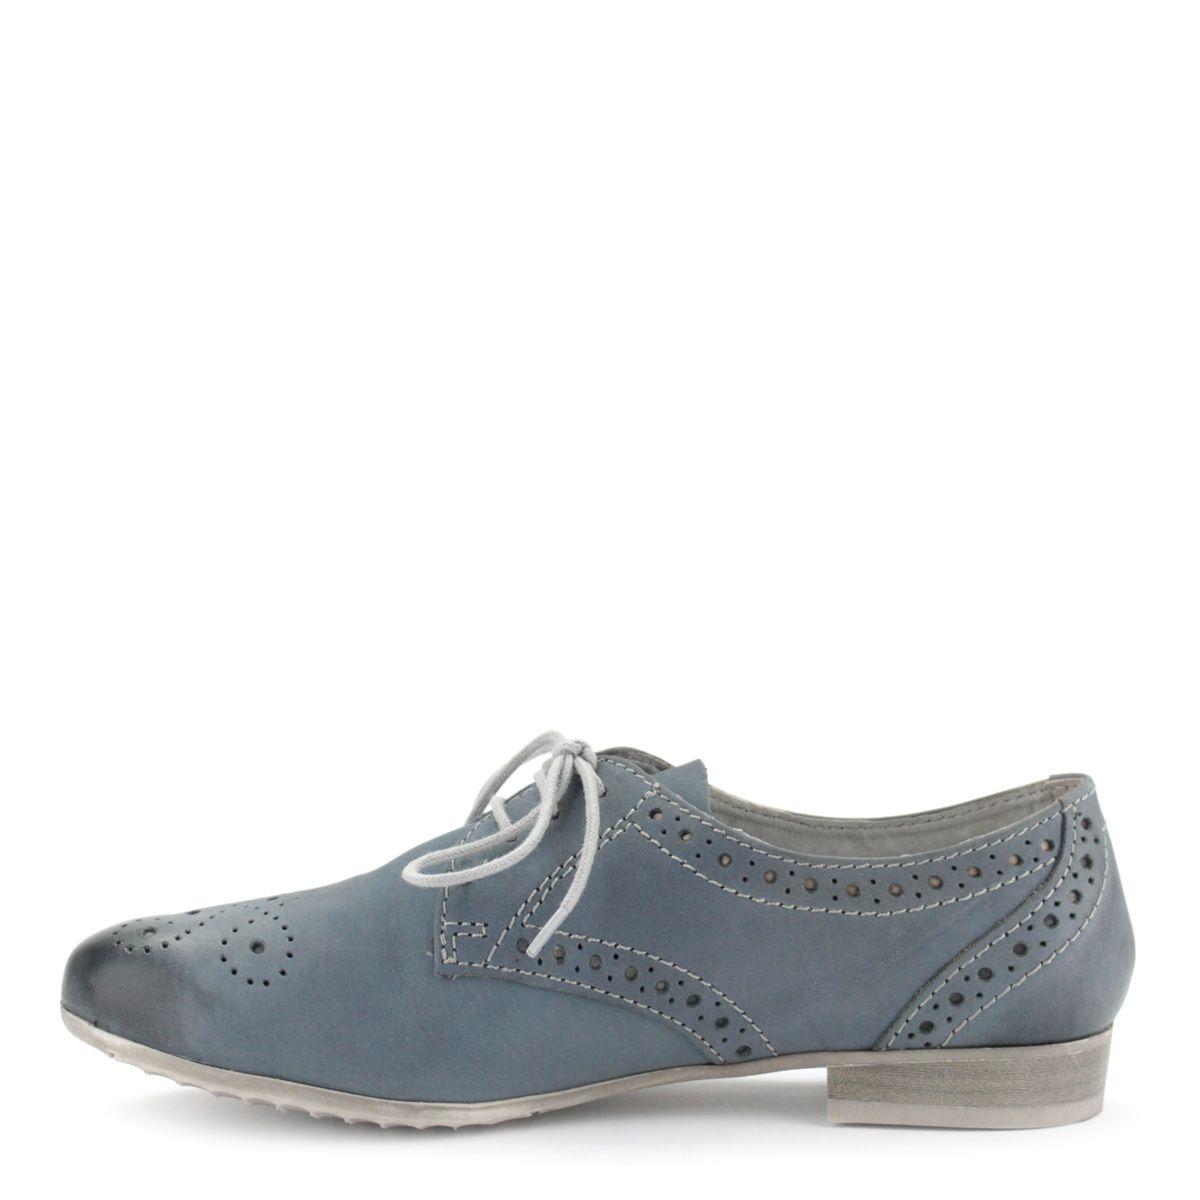 a5f275ffc146 Lapos fűzős Marco Tozzi női cipő kék színben | ChiX.hu cipő webáruház Lapos  fűzős